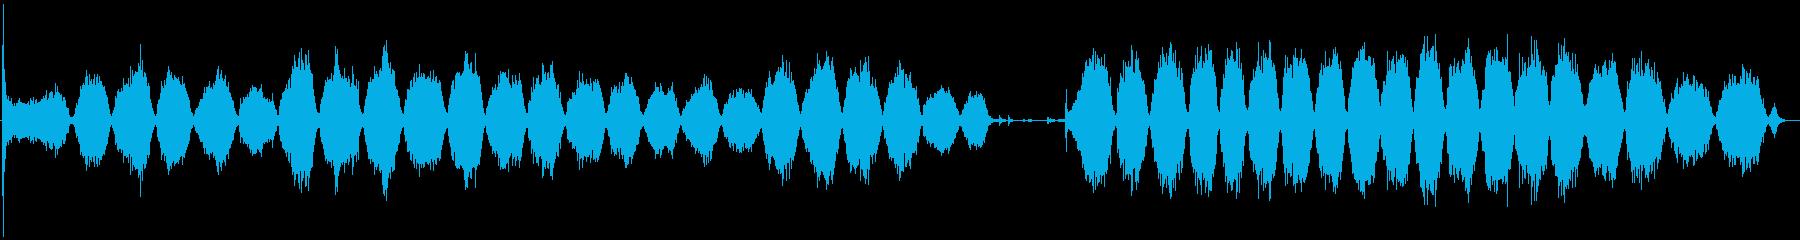 サンディングブロックを使用したハン...の再生済みの波形